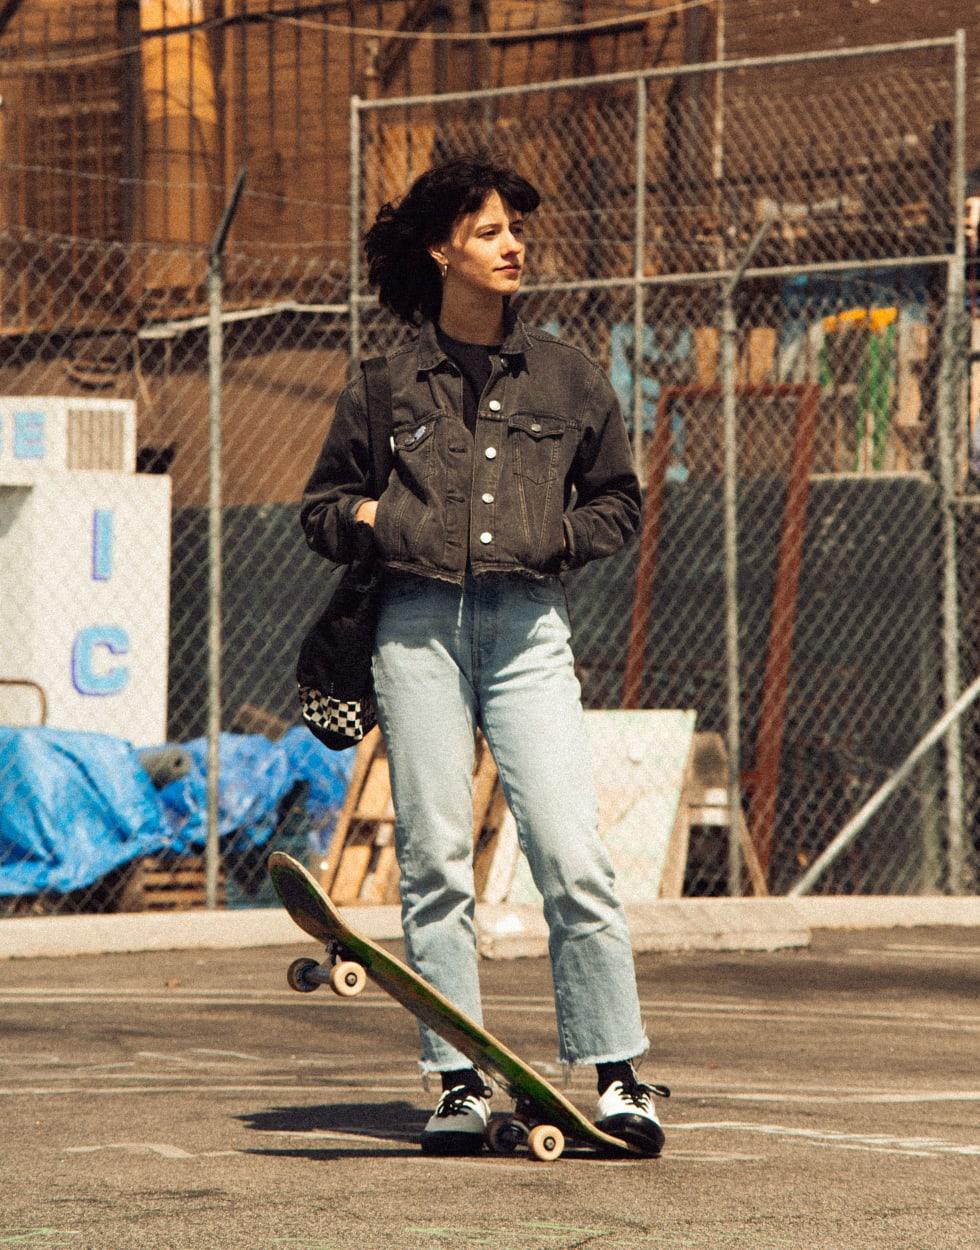 Vans Skateboarding Footwear Breana Geering Collection 04